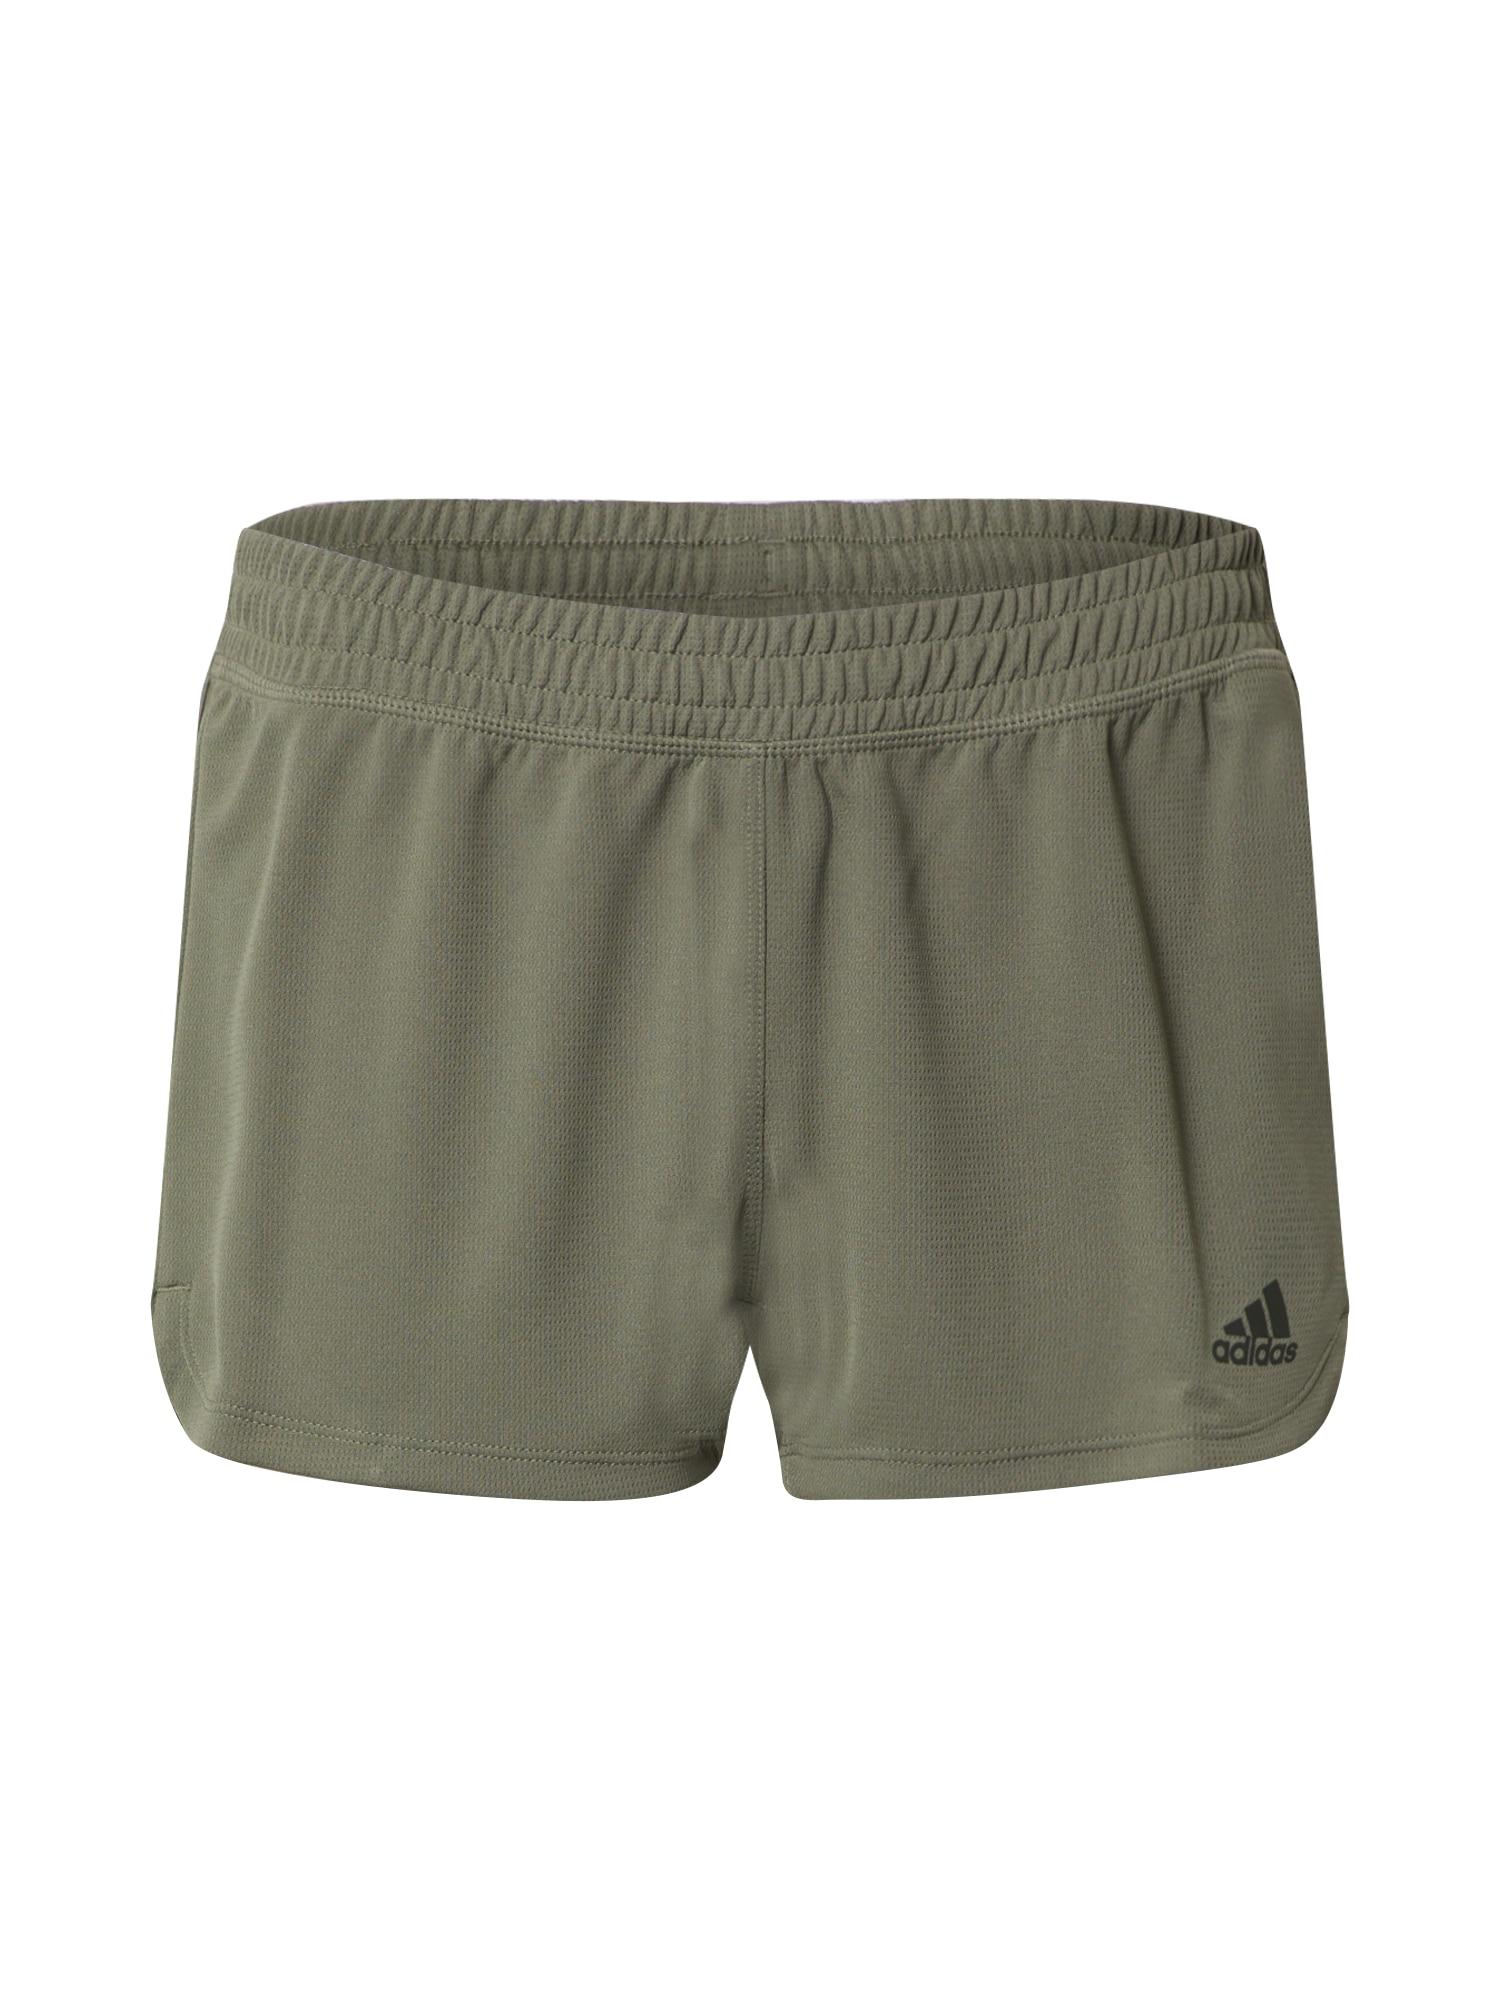 ADIDAS PERFORMANCE Sportinės kelnės 'PACER 3S KNIT' alyvuogių spalva